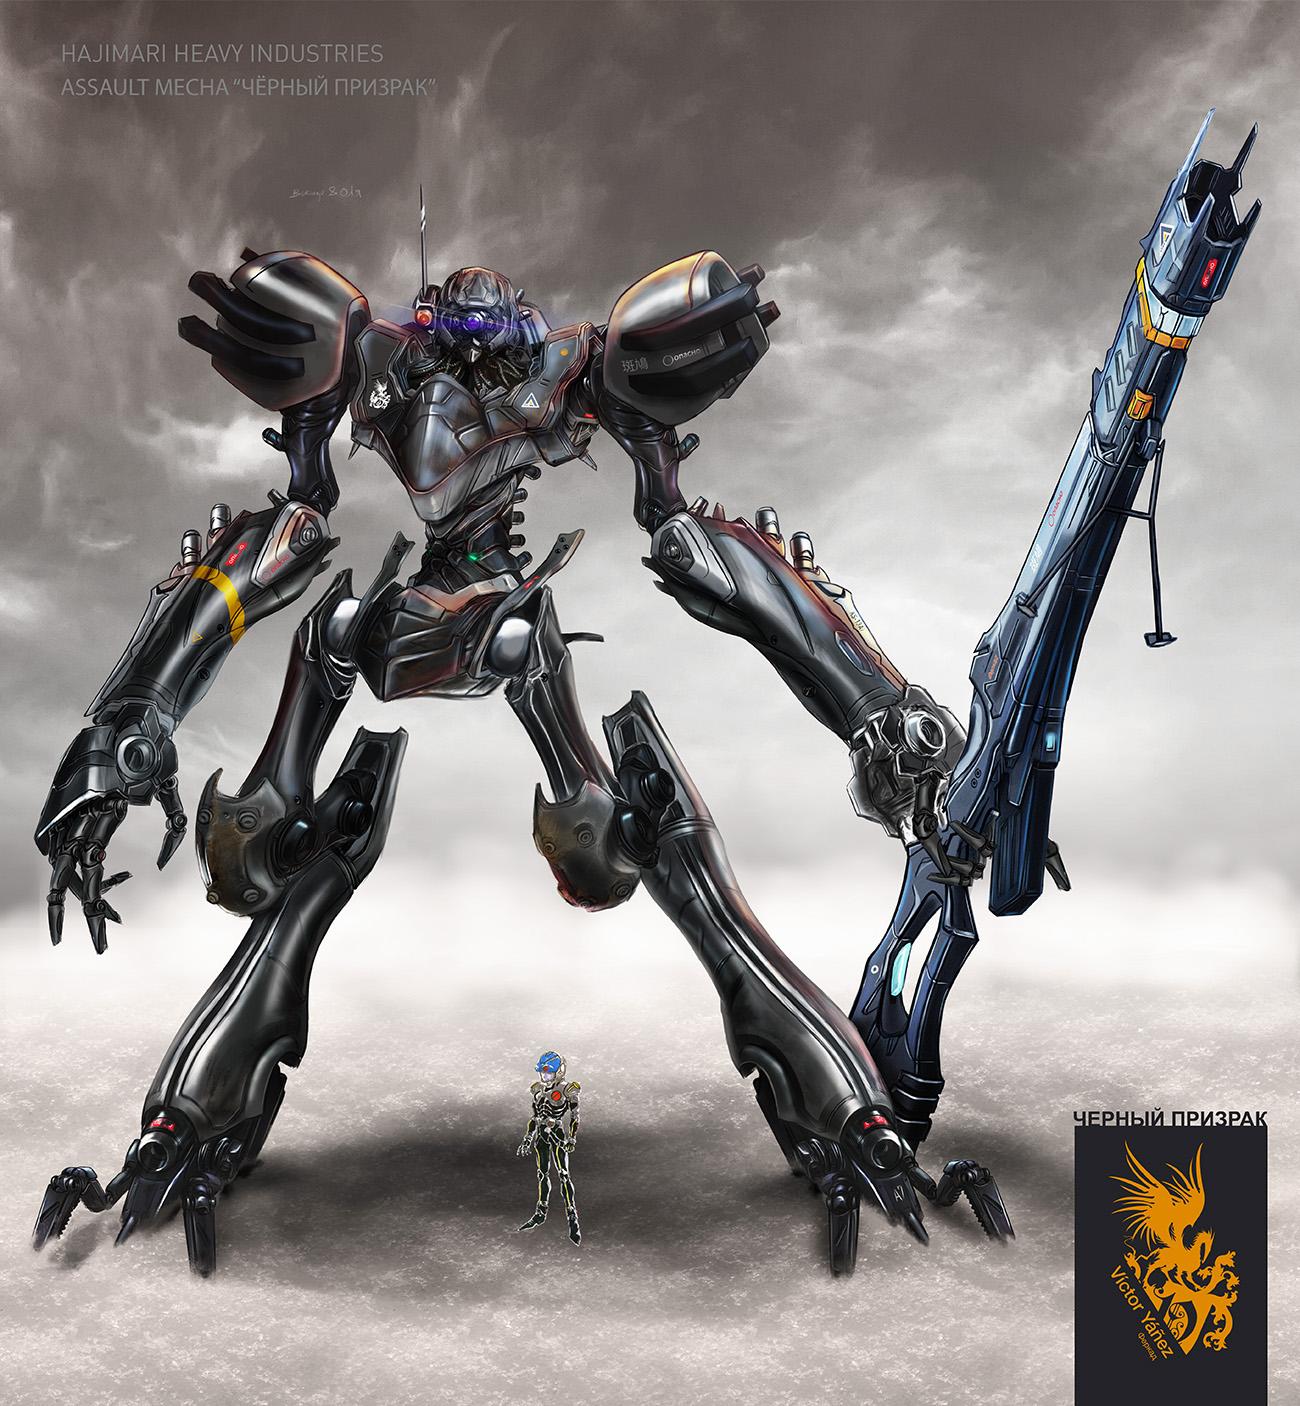 robot science fiction concept - photo #36